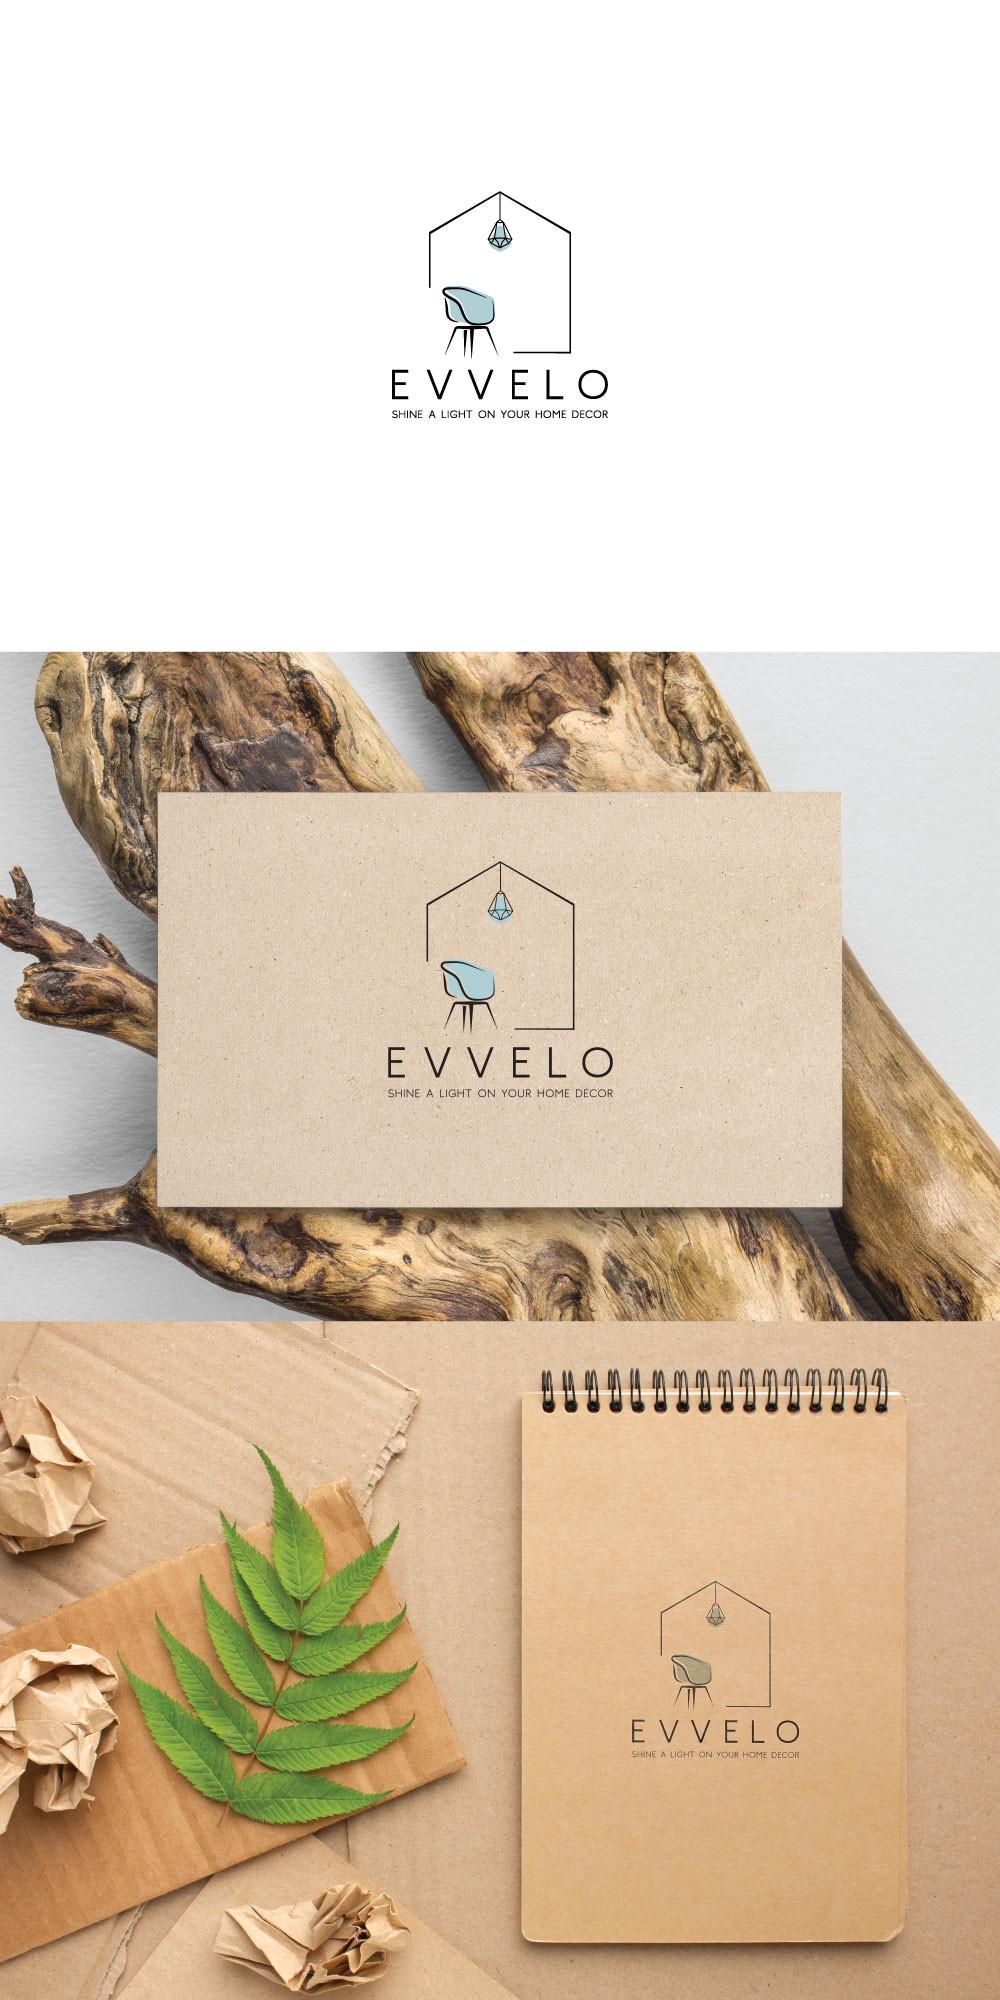 Logo contest for a home decor innovative brand